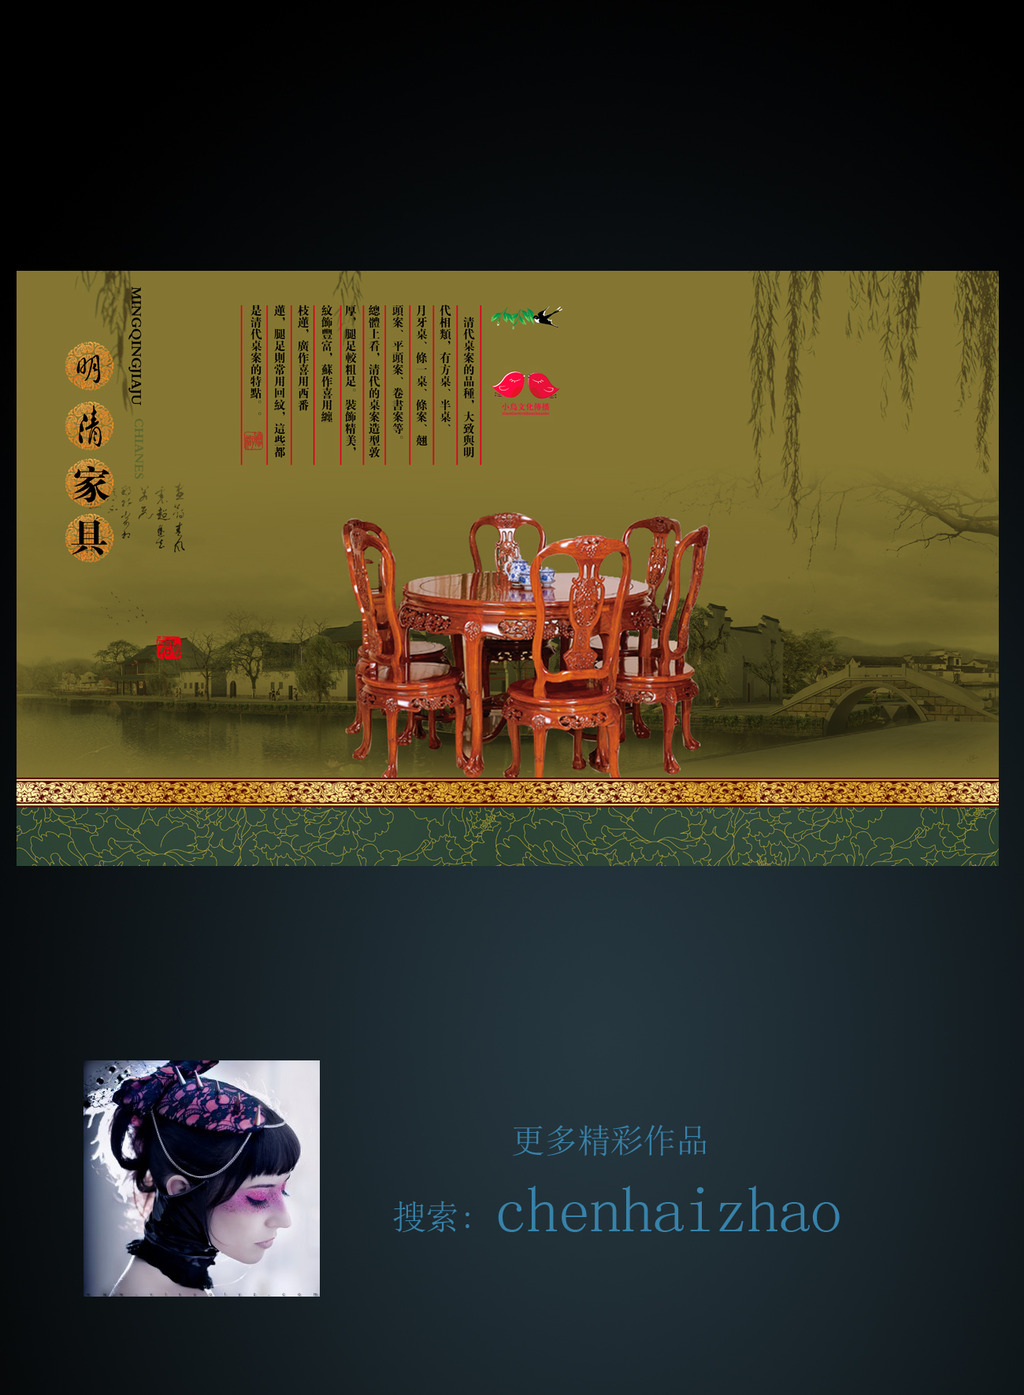 桌椅家具宣传海报模板下载(图片编号:12562214)